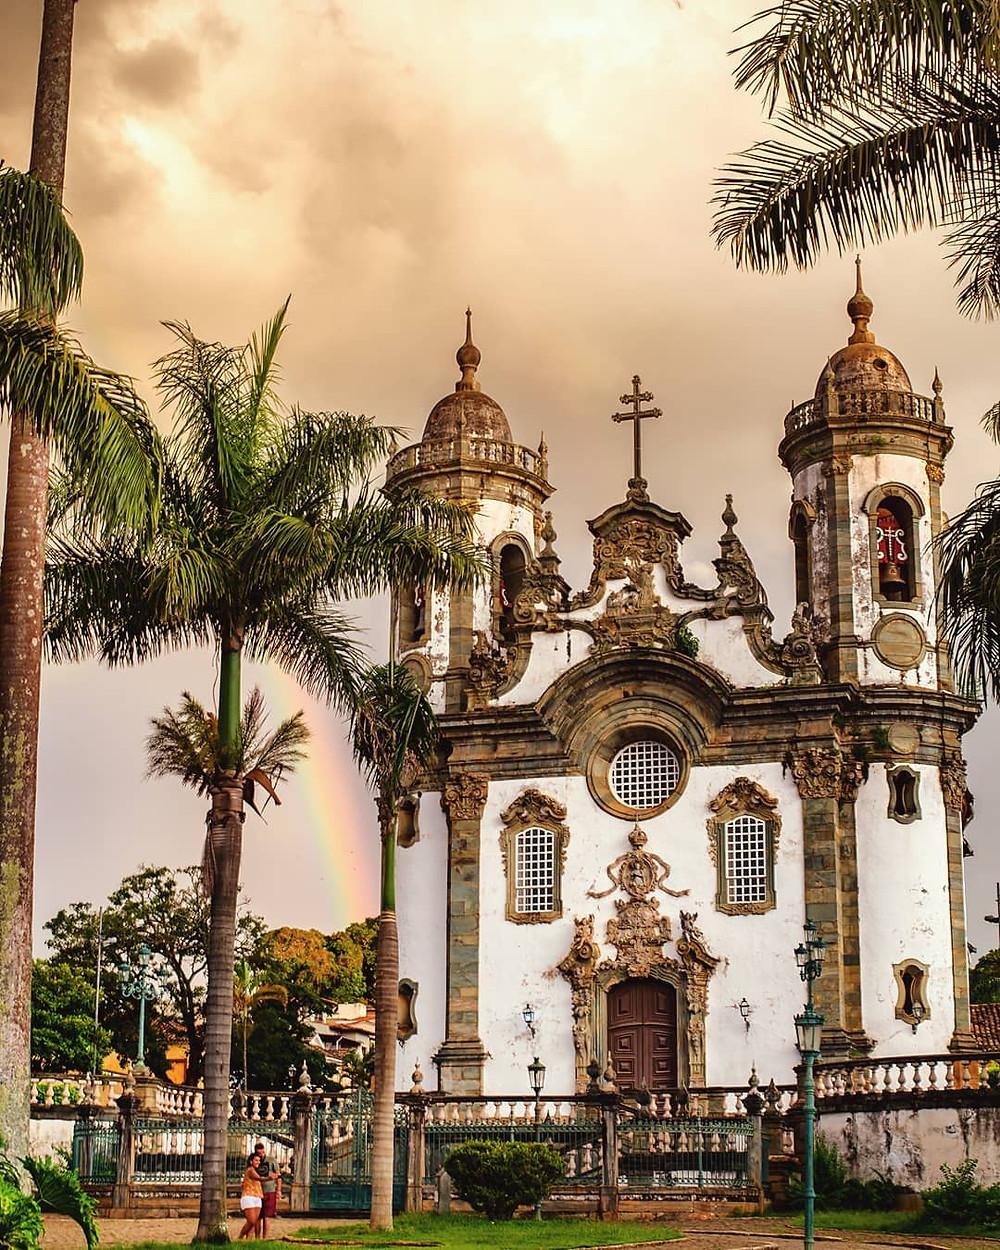 Igreja de São Francisco de Assis - São João Del Rei. Foto: @brenodangeloc